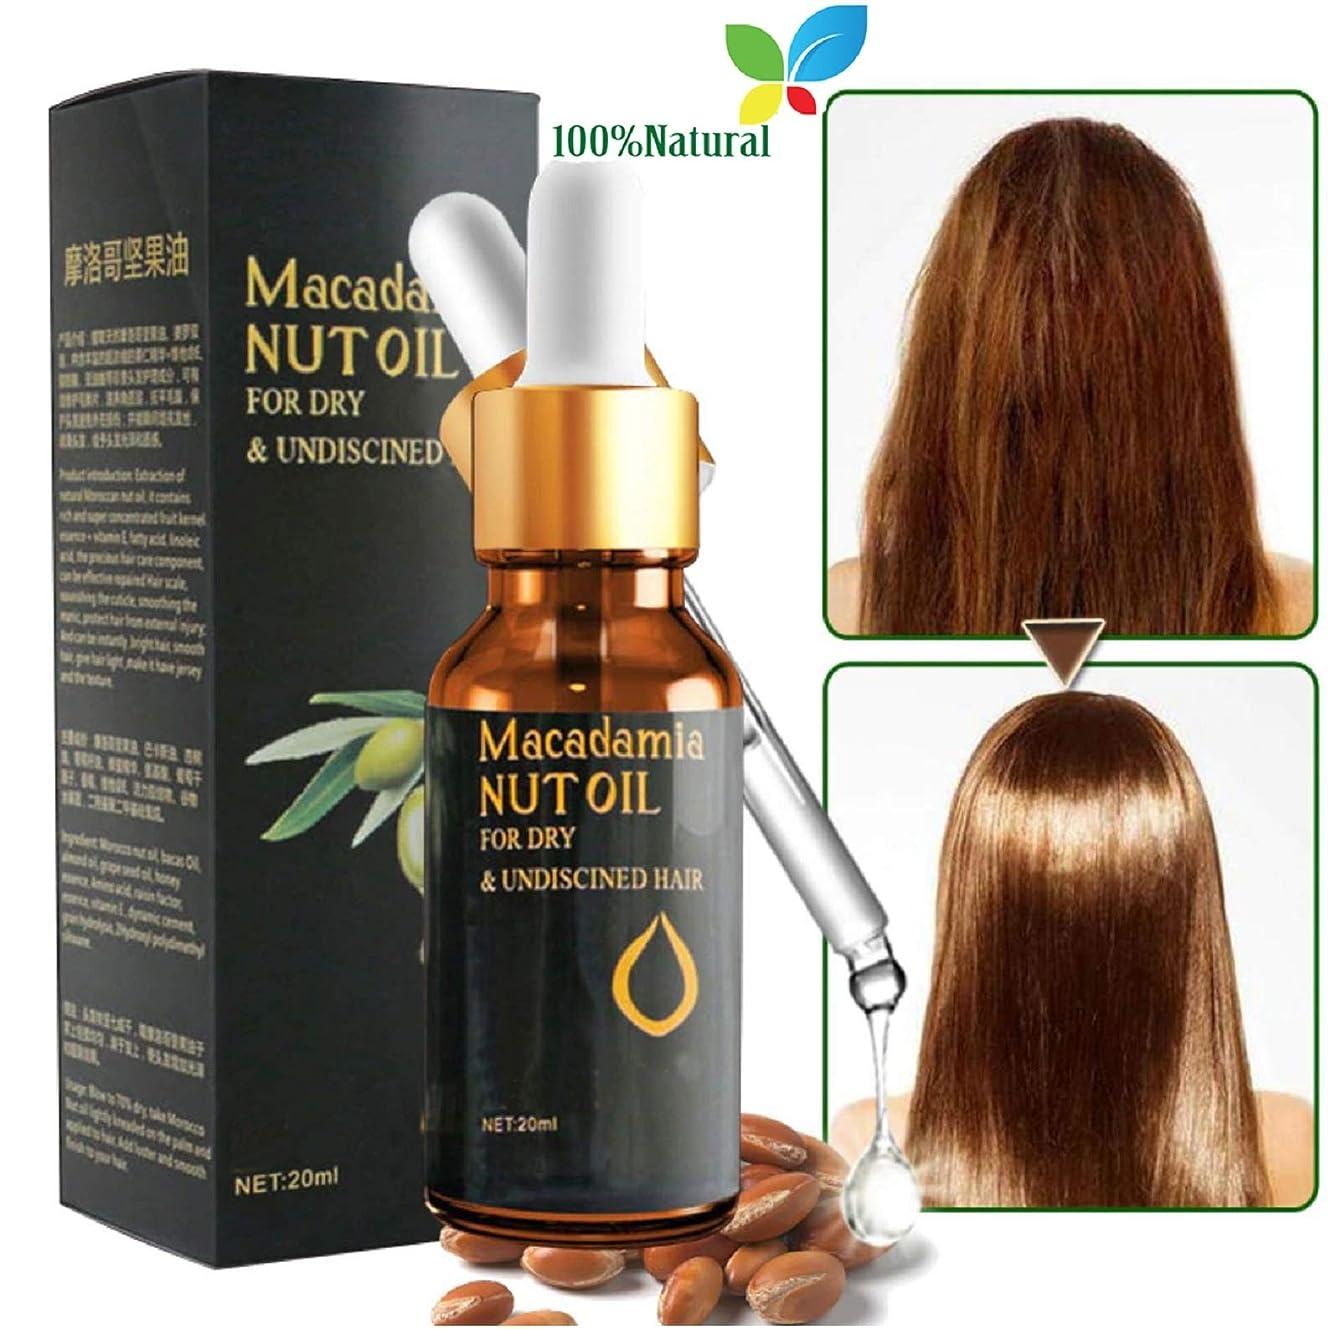 スポーツマンスクレーパービーズ(3本)すばやく強力な発毛、ナチュラルエッセンシャルオイルリキッド、抜け毛防止、ヘアケア血清、男性と女性 Fast Powerful Hair Growth, Natural Essential Oil Liquid, Hair Loss Prevention, Hair Care Serum, Man and Women (3 Pck)